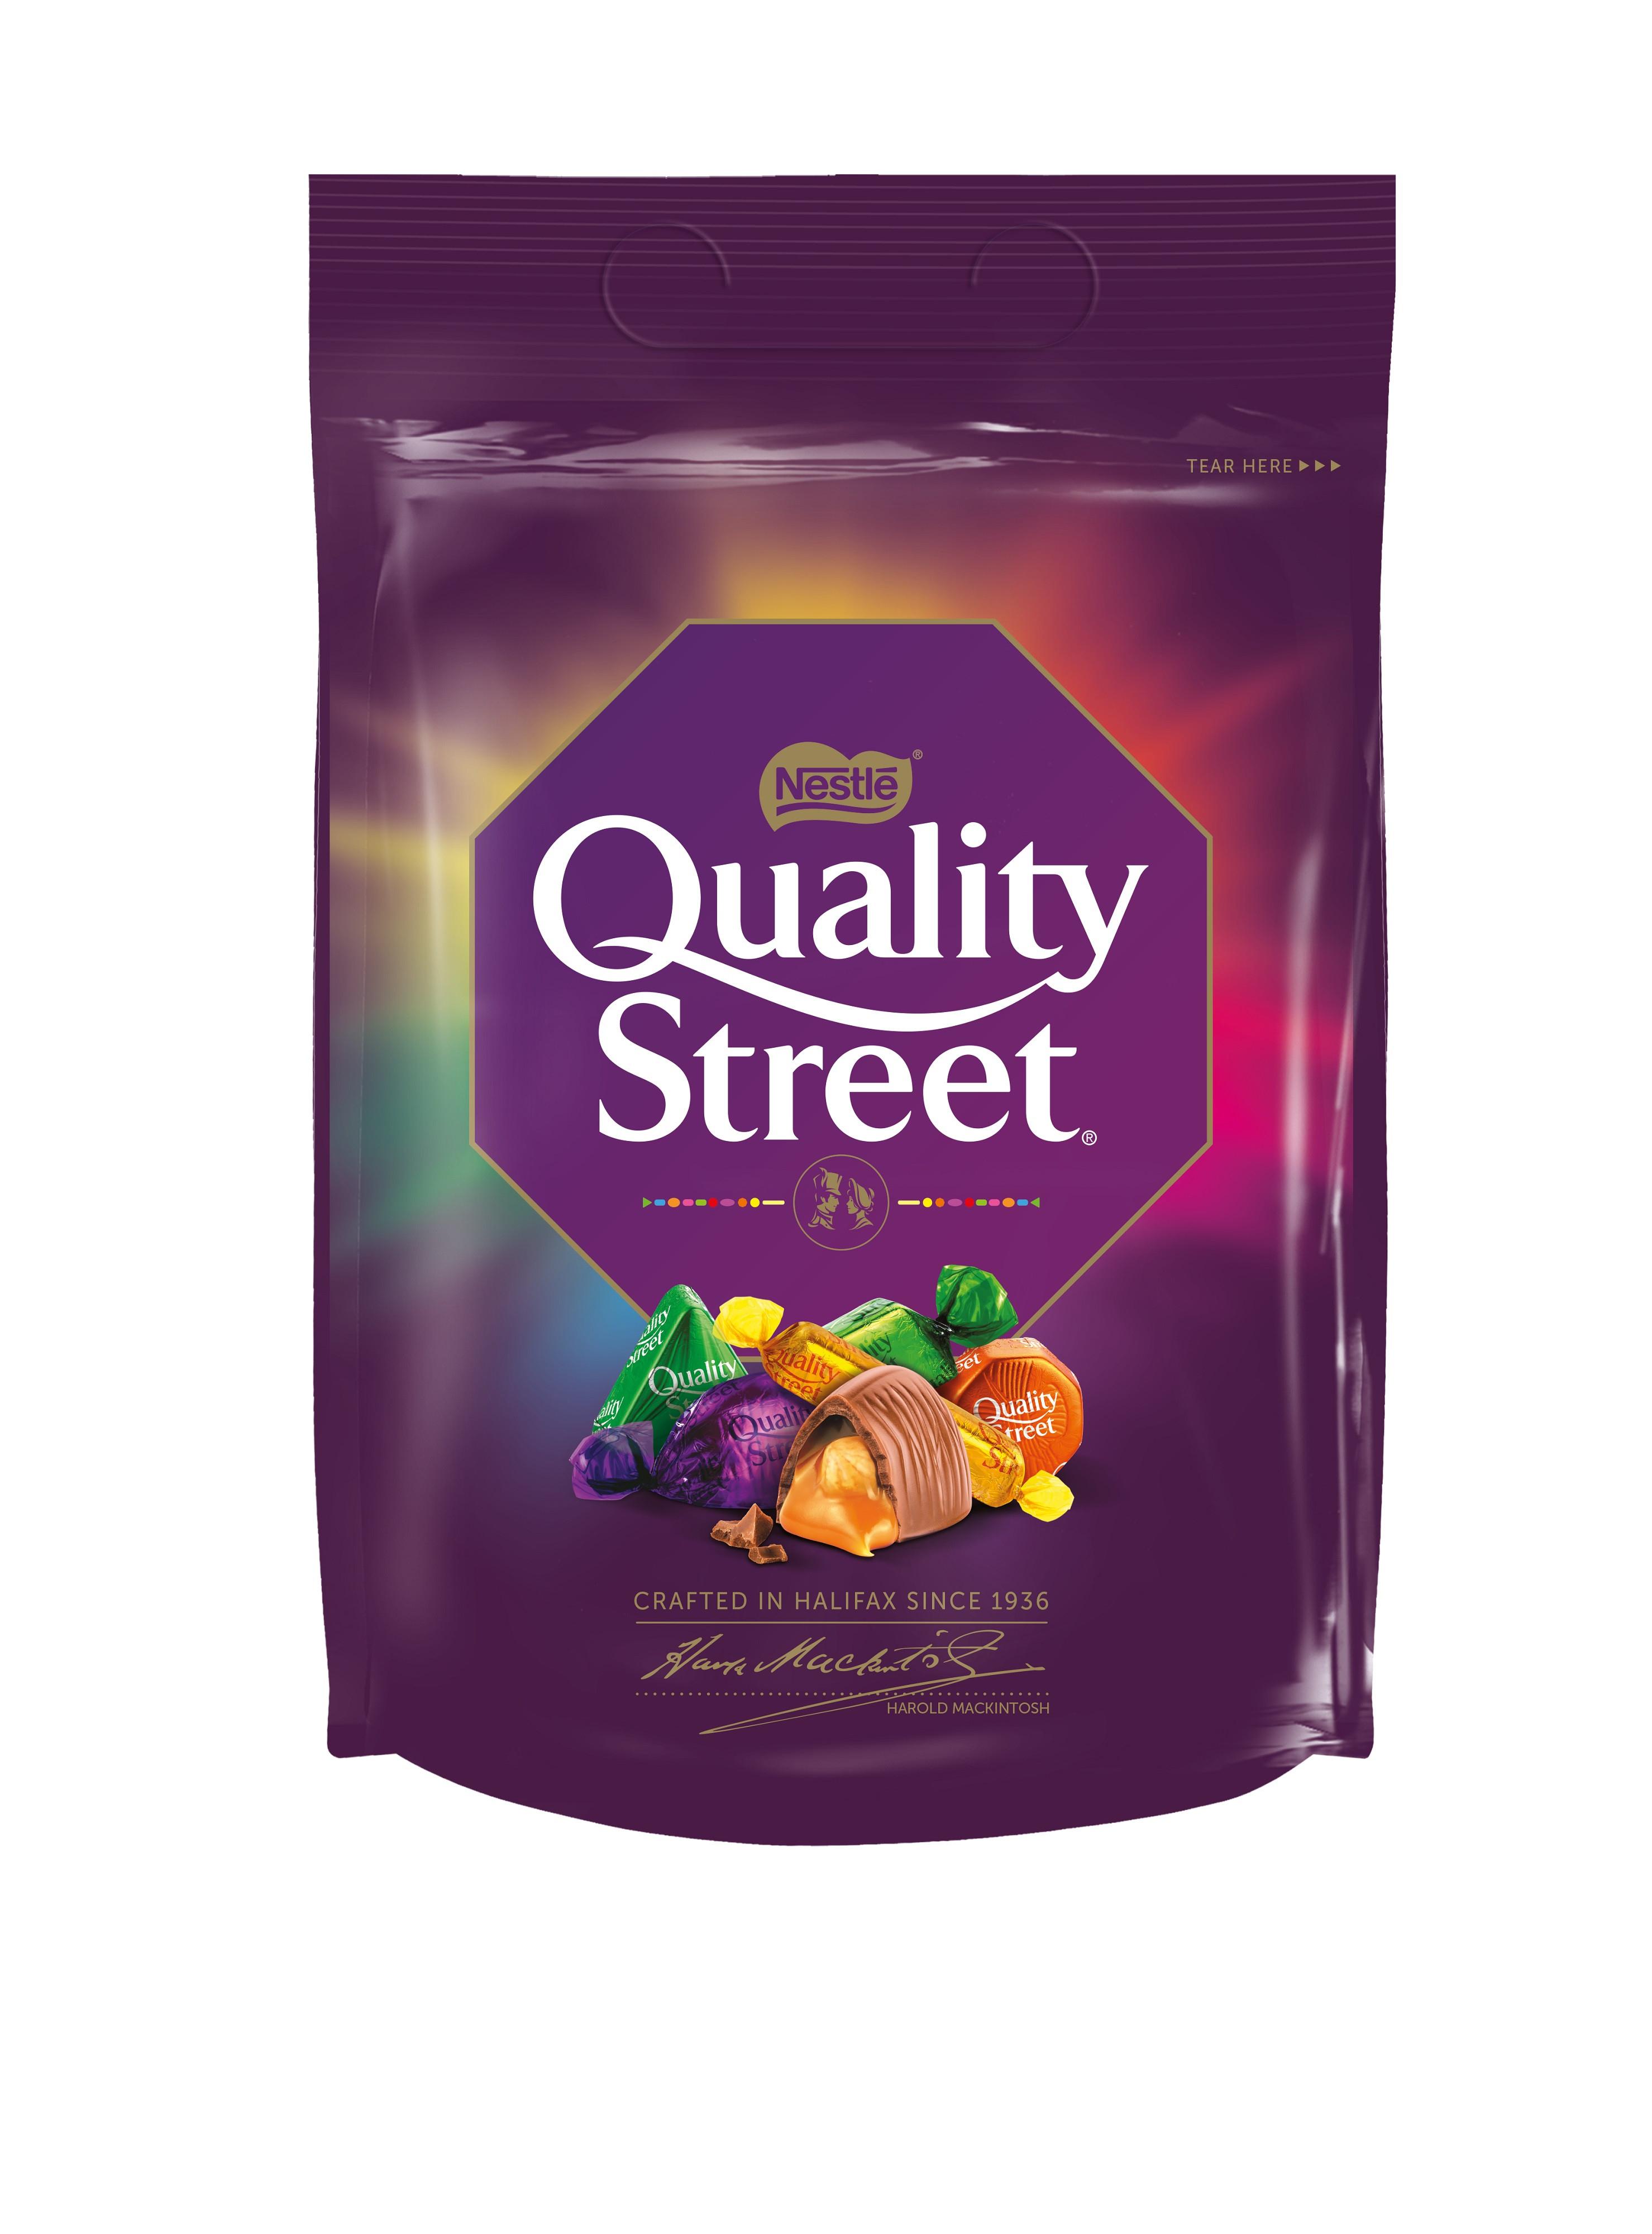 Quality Street 450g Pouch - £1.95 Instore @ Co-op Food (Bridge of Earn)